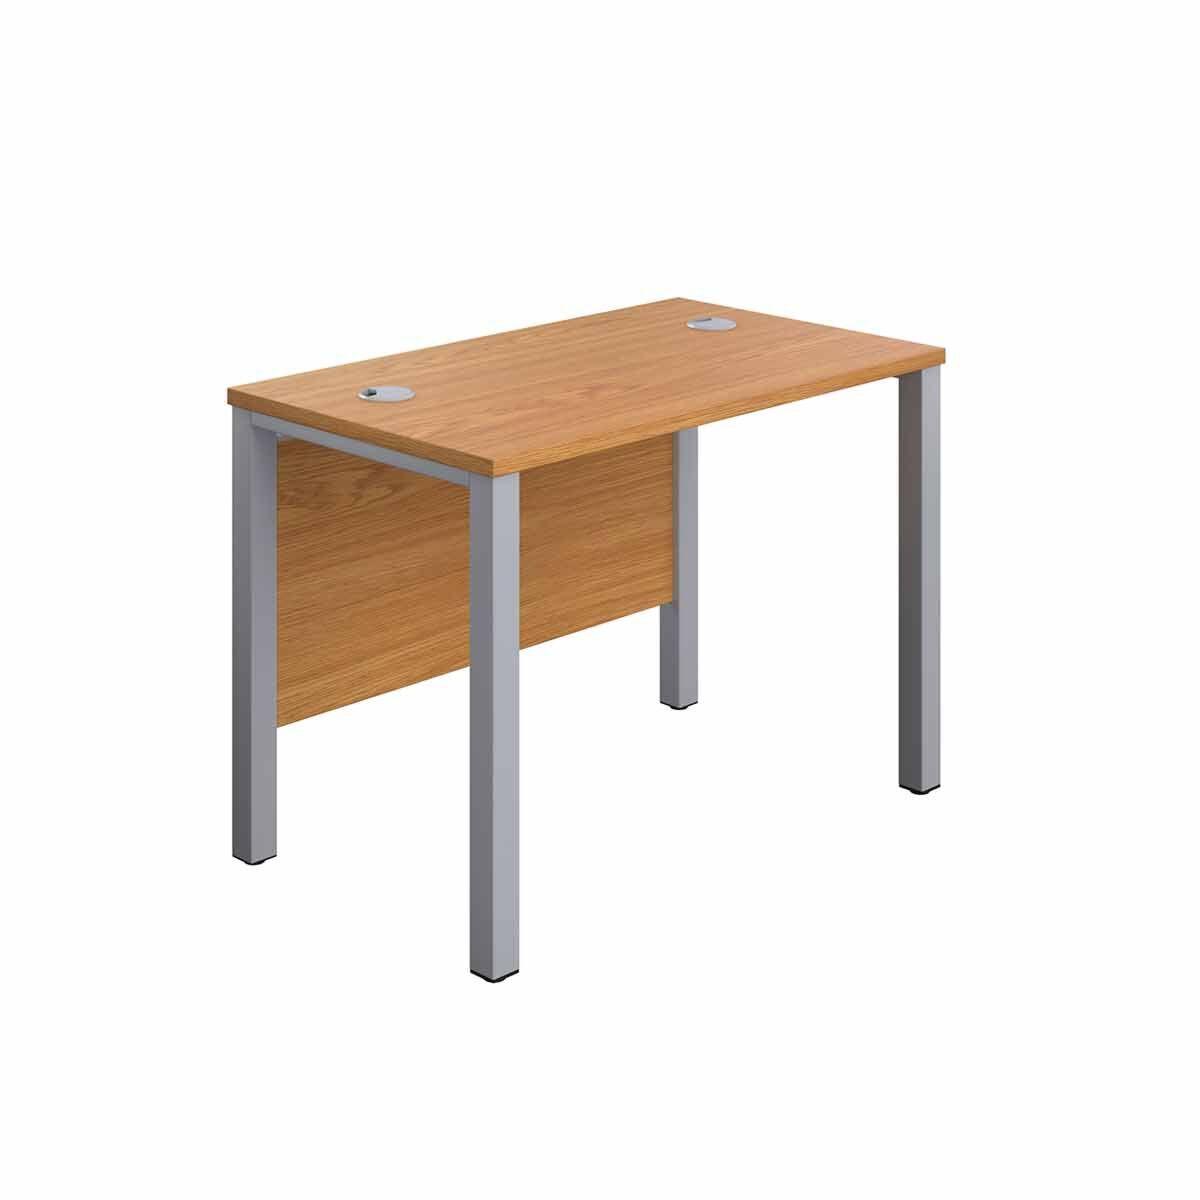 TC Office Silver Goal Post Rectangular Desk 100cm Oak